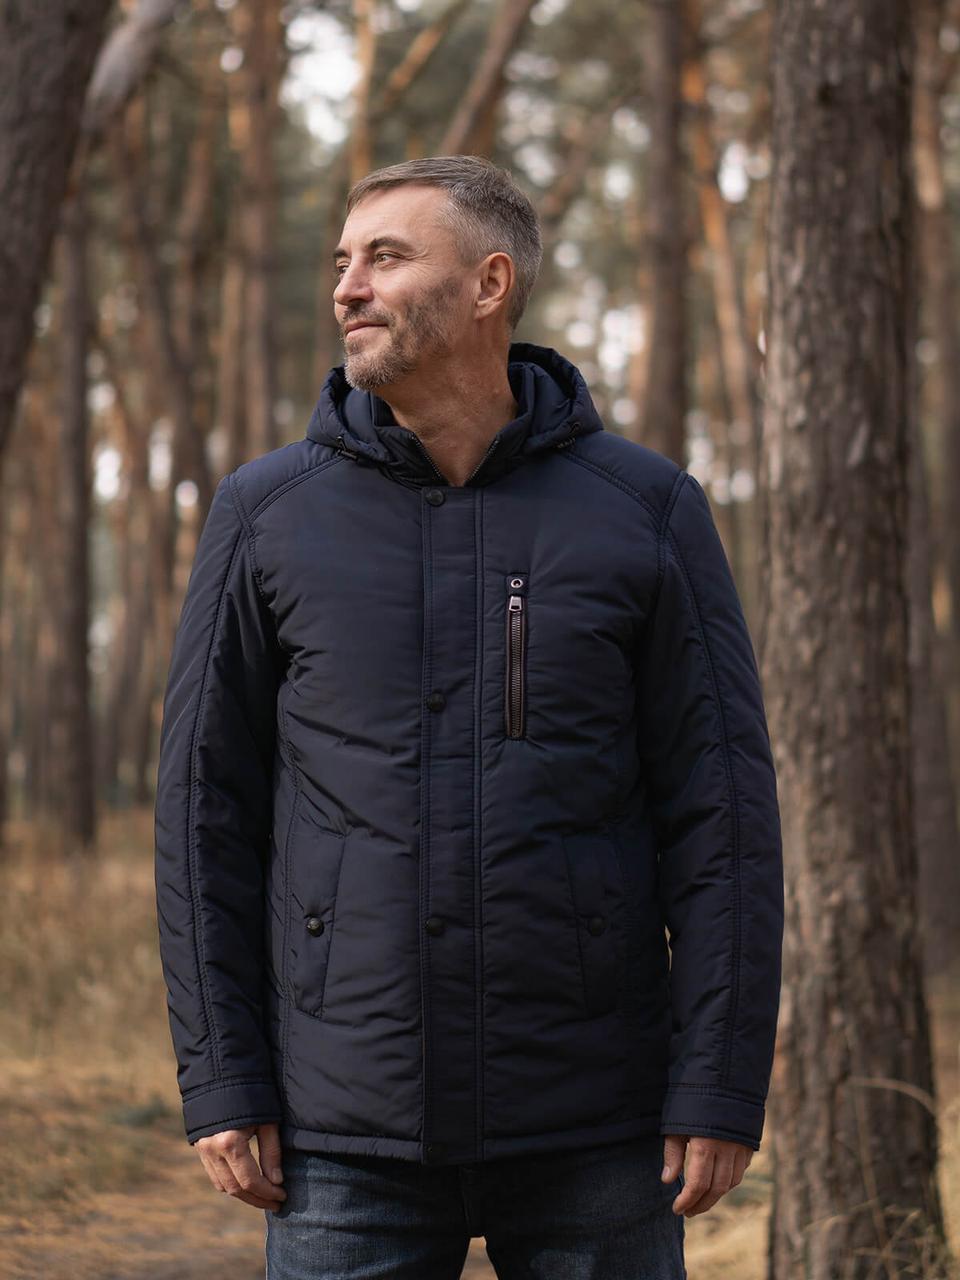 Мужская темно-синяя демисезонная куртка KM-3.1 с капюшоном и карманами на кнопке